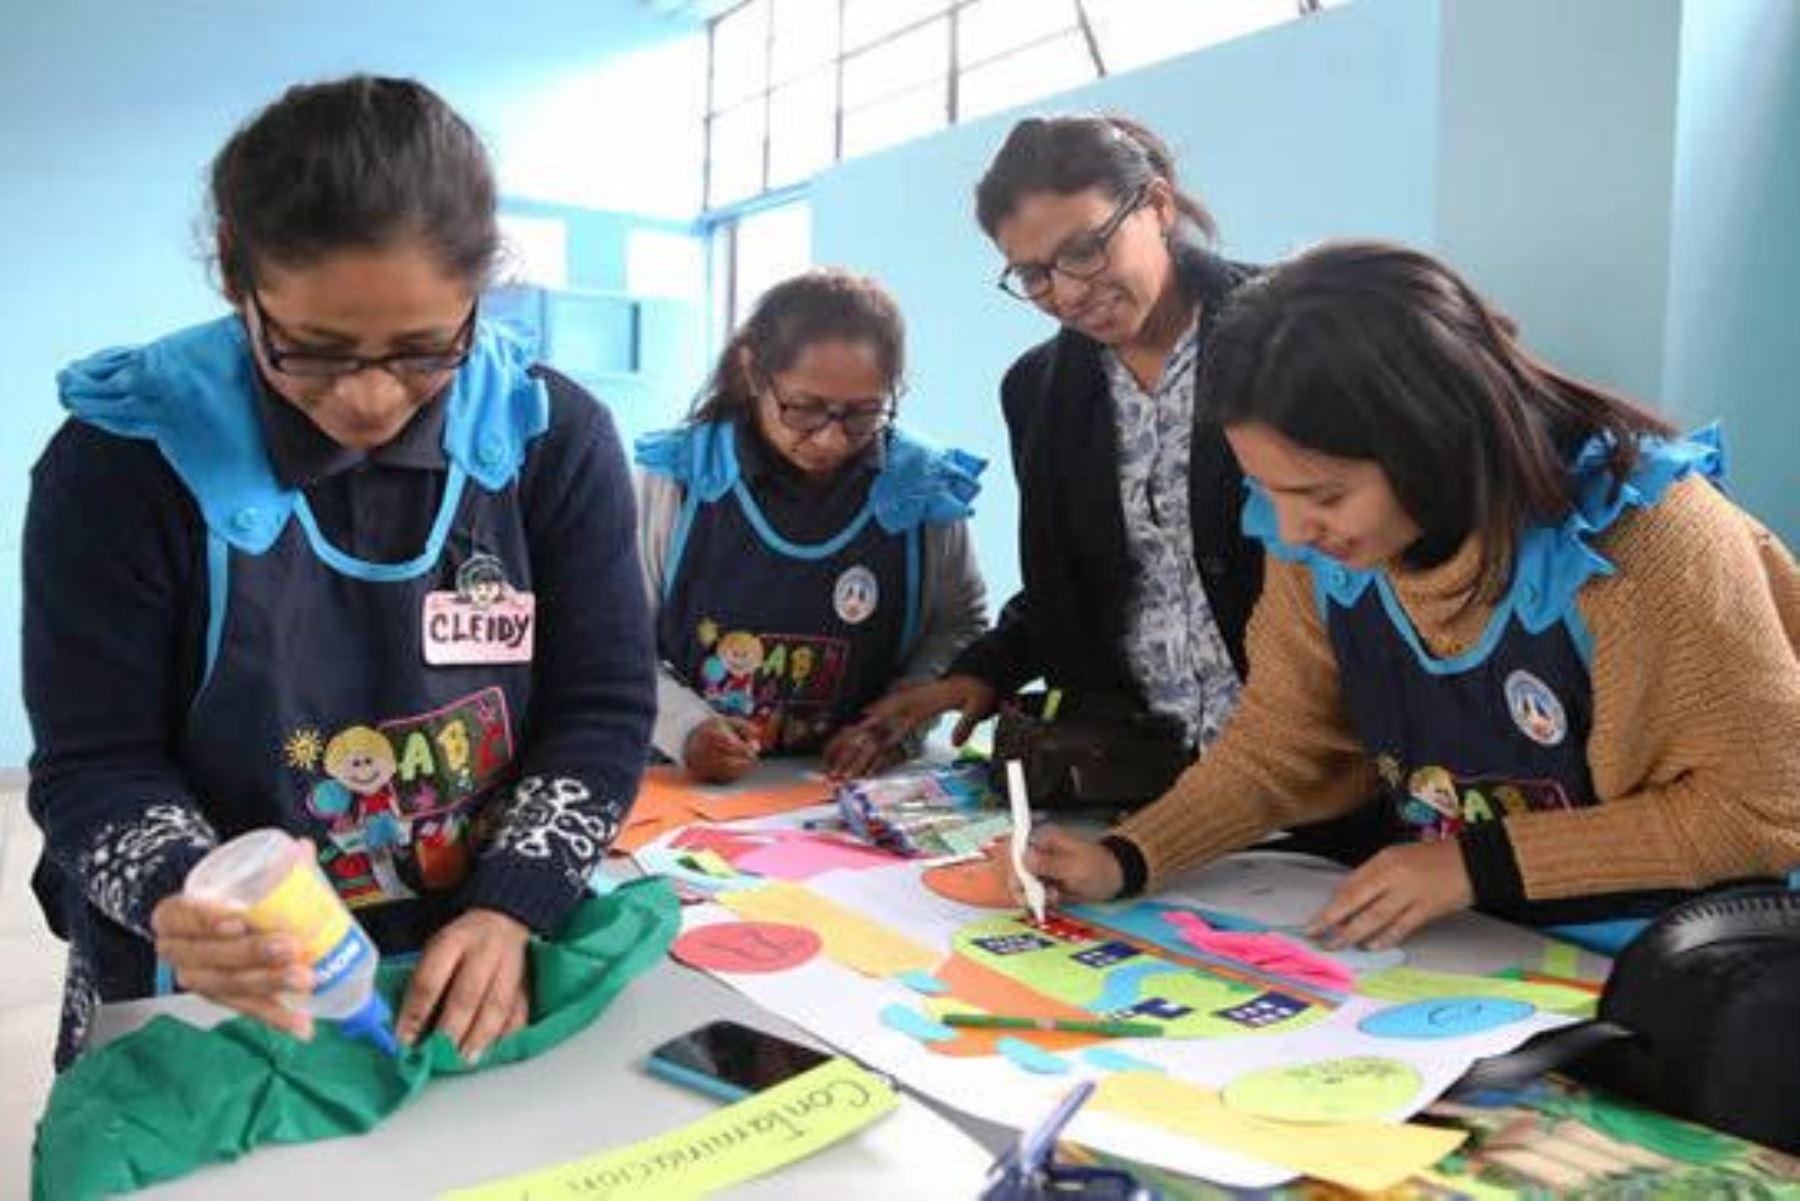 Escuelas pedagógicas otorgarán grado académico de bachiller y título de licenciado. Foto: ANDINA/Difusión.